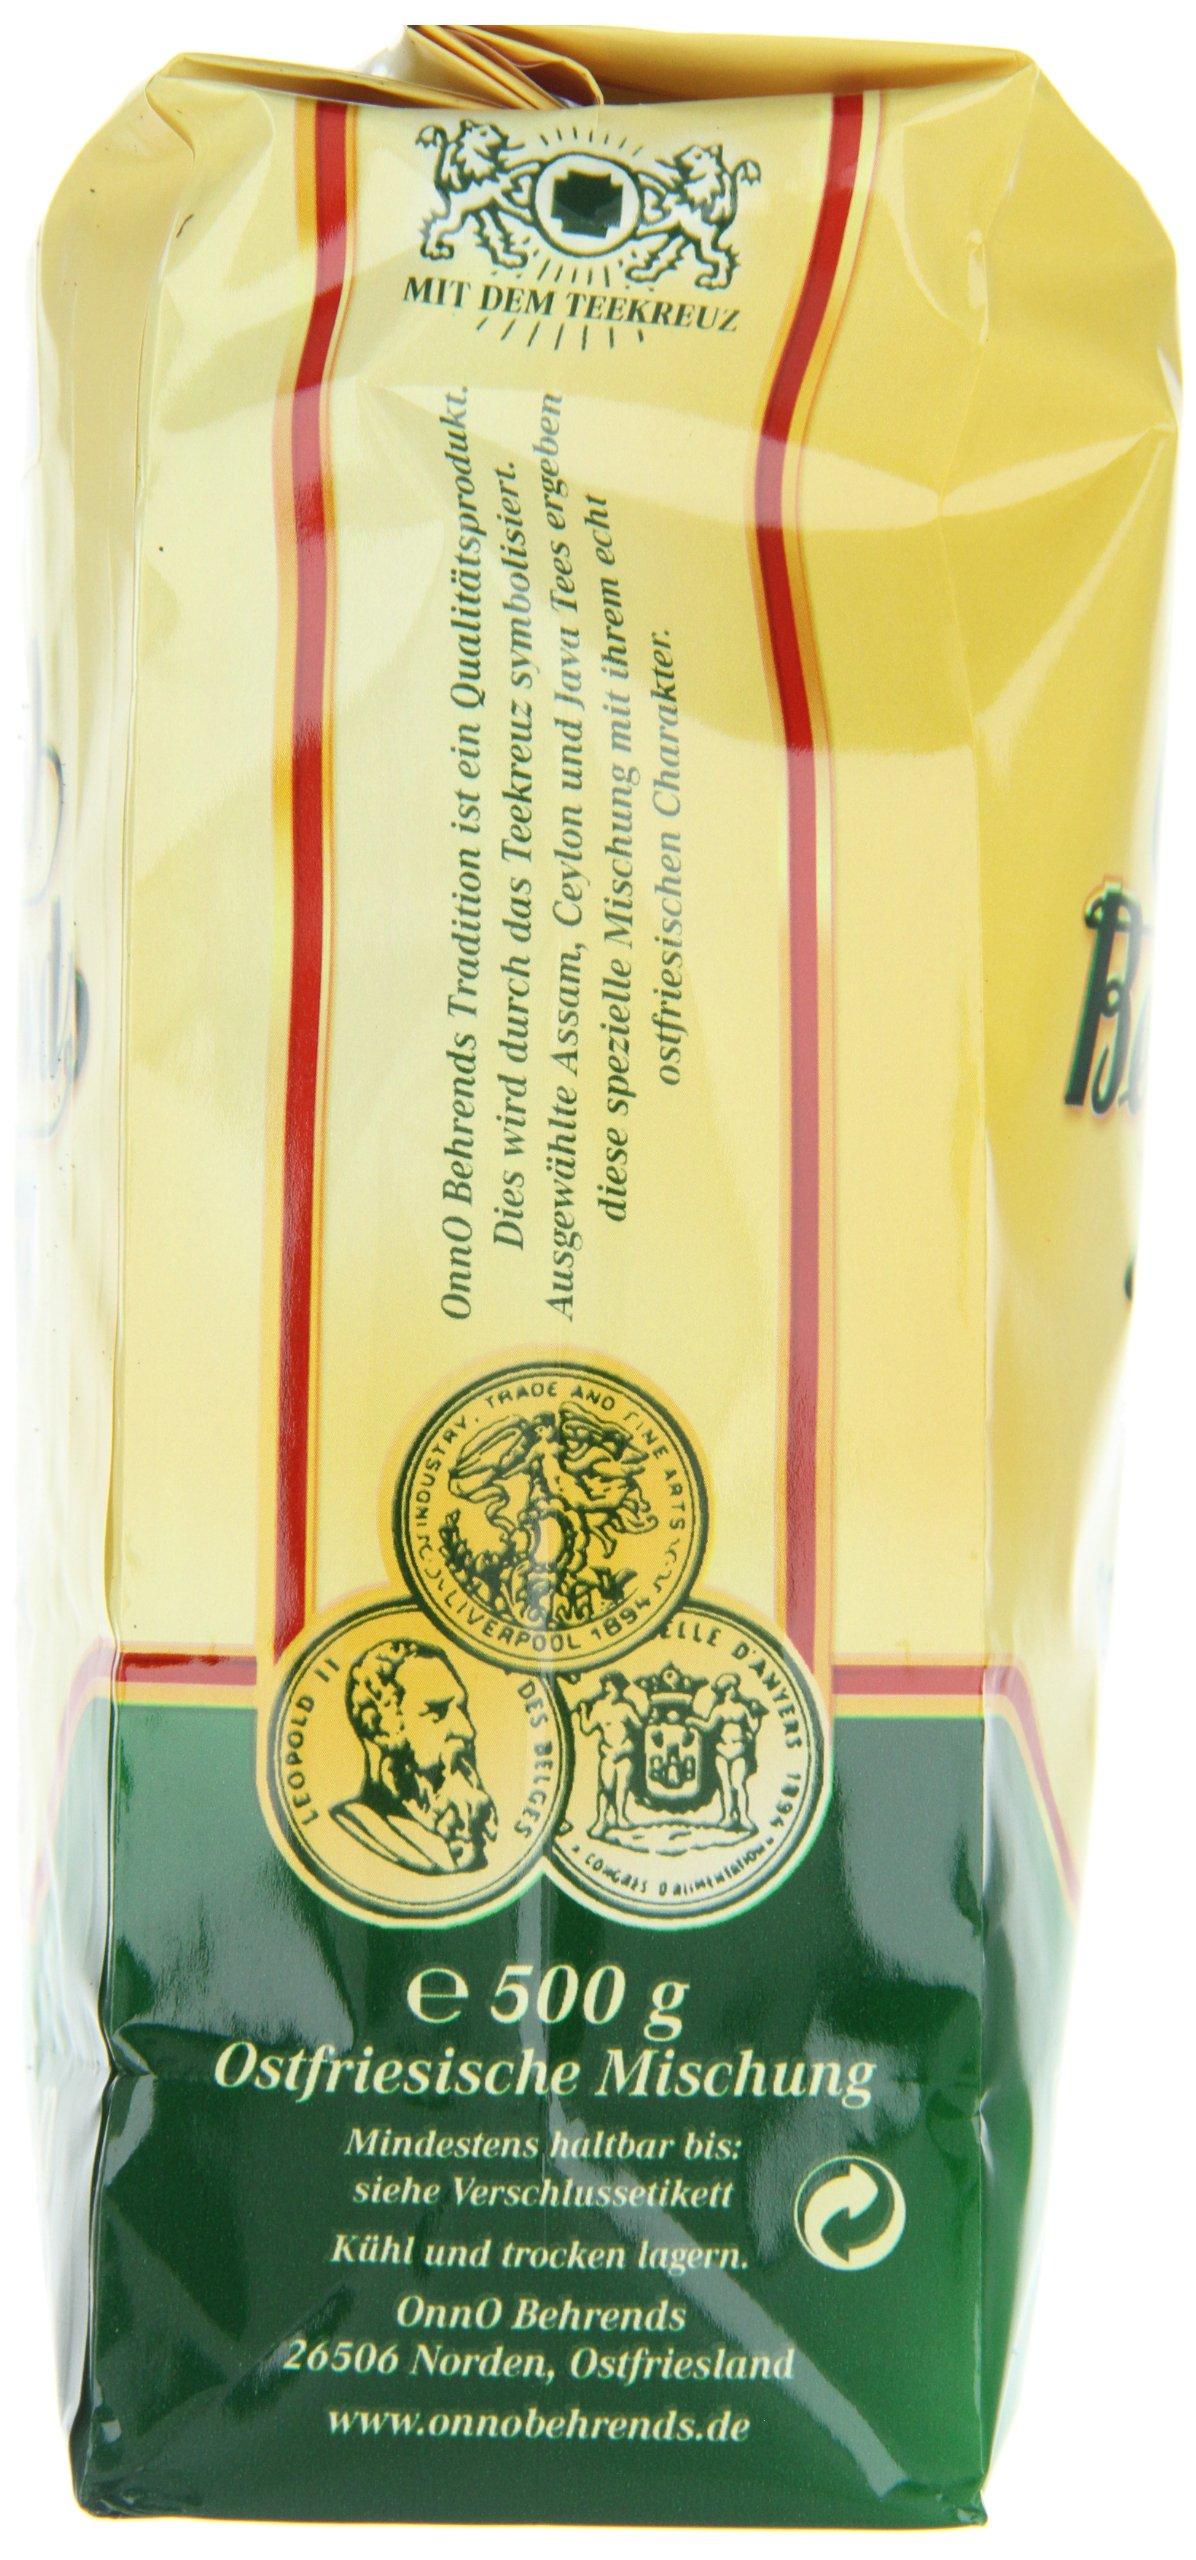 Onno-Behrends-Tee-TraditionOstfriesische-Mischung-4er-Pack-4-x-500-g-Packung